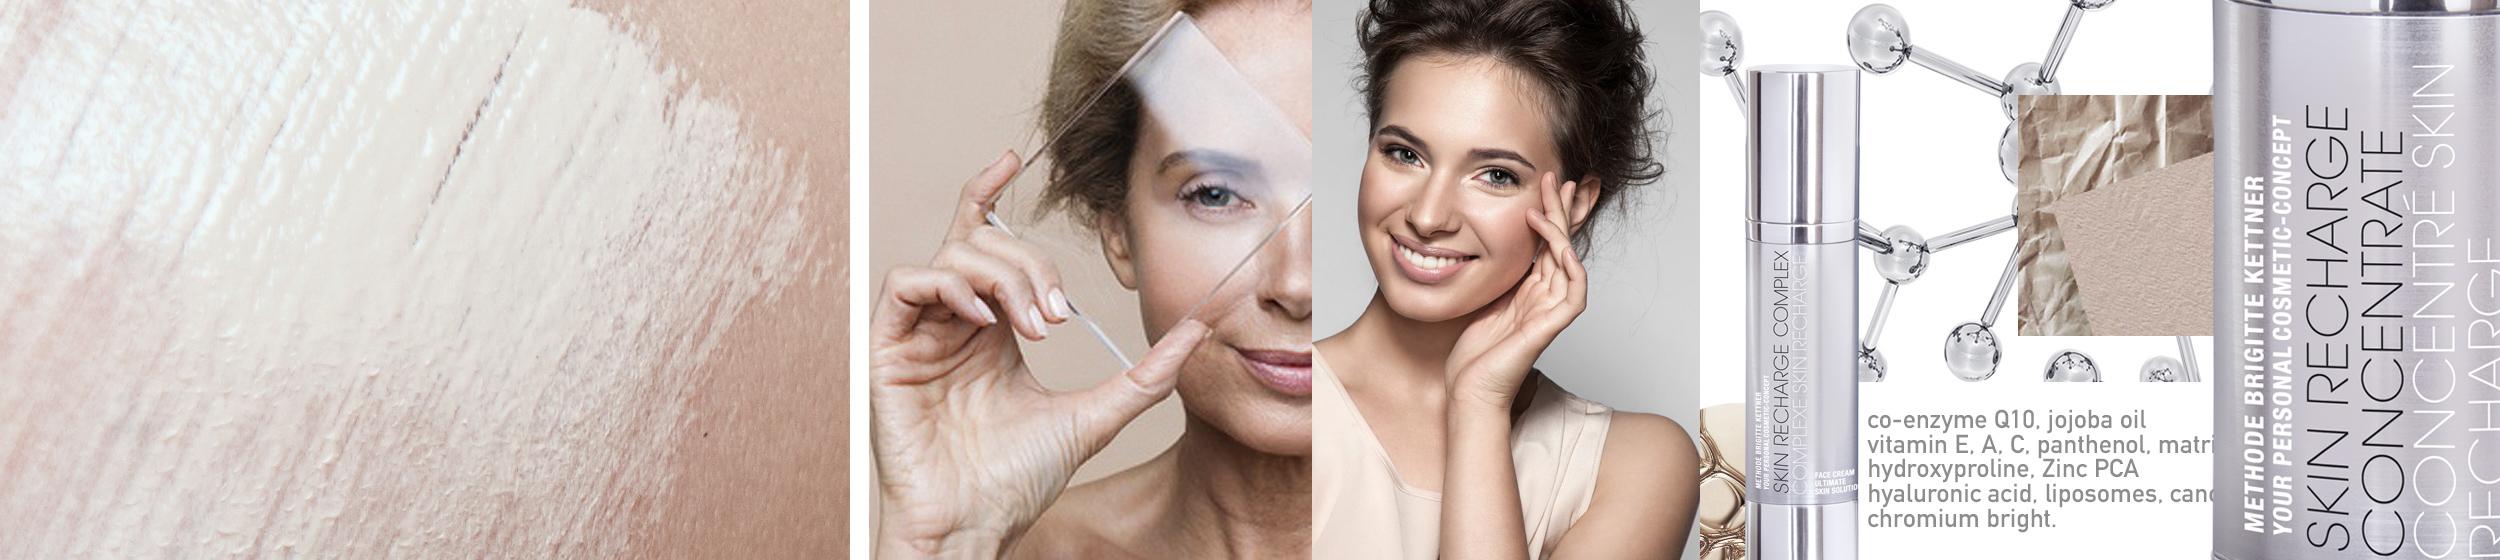 Anti-âge: vieillissement cutané, peau mature